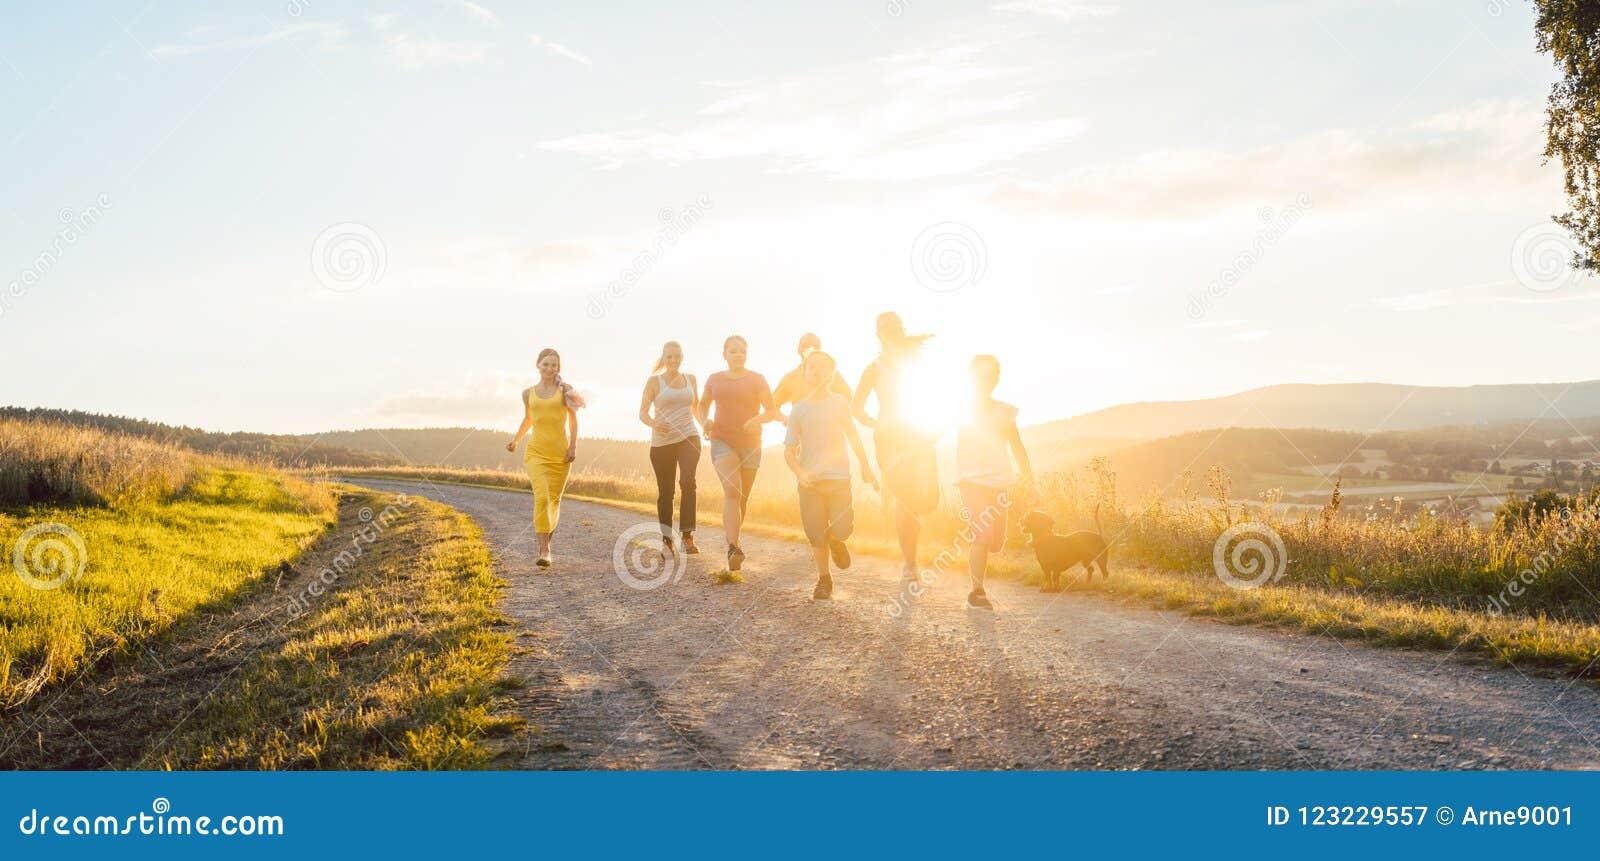 Figlarnie rodzinny bieg i bawić się na ścieżce w lato krajobrazie